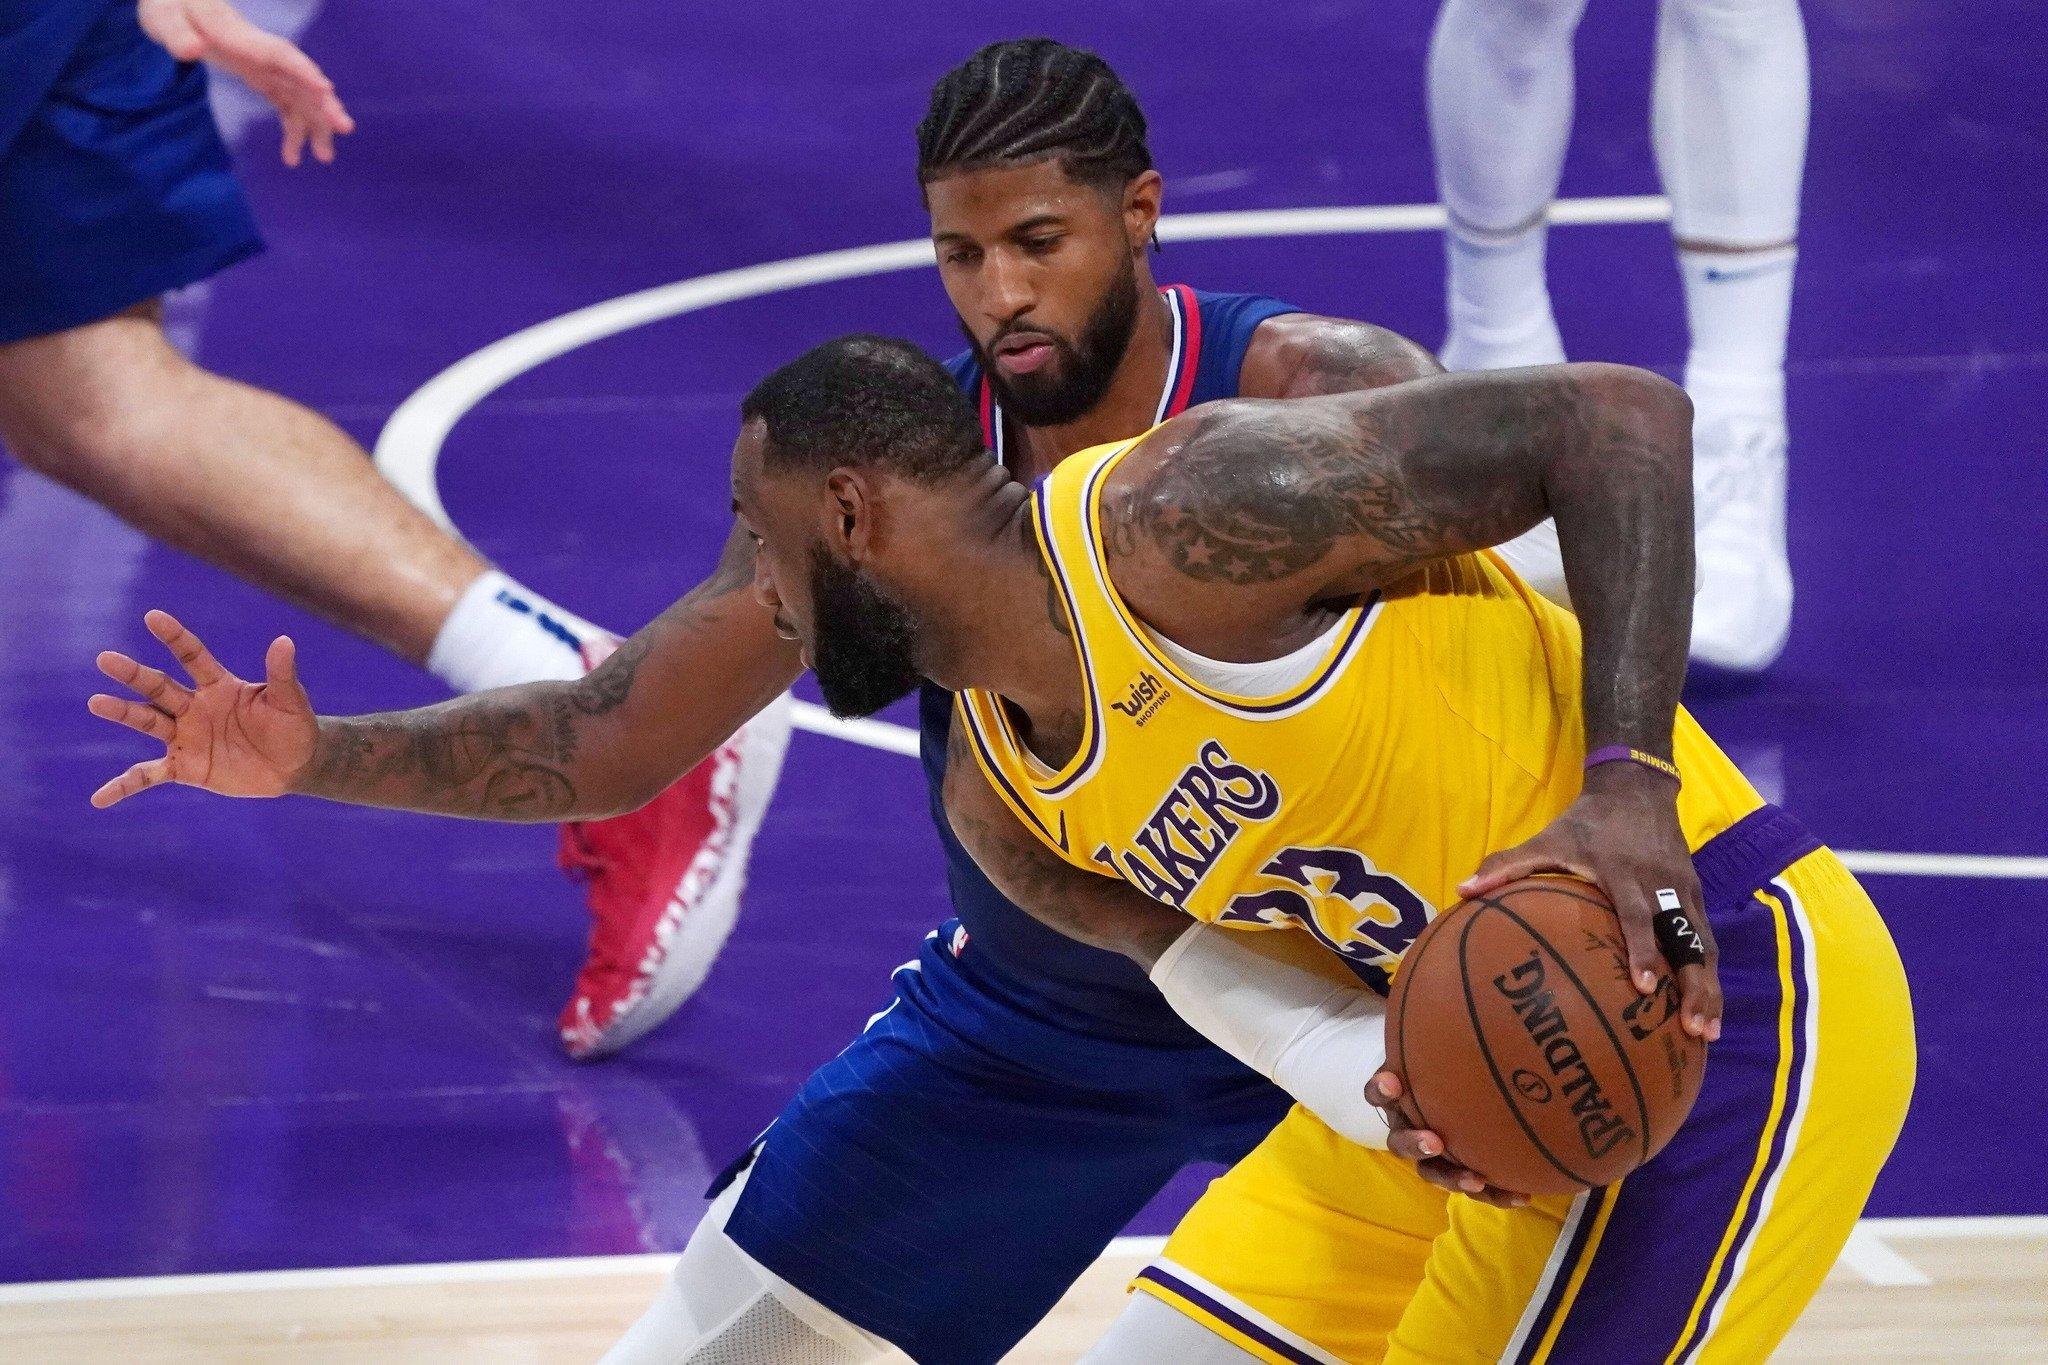 SON NBA ŞAMPİYONU LAKERS SEZONA MAĞLUBİYETLE BAŞLADI